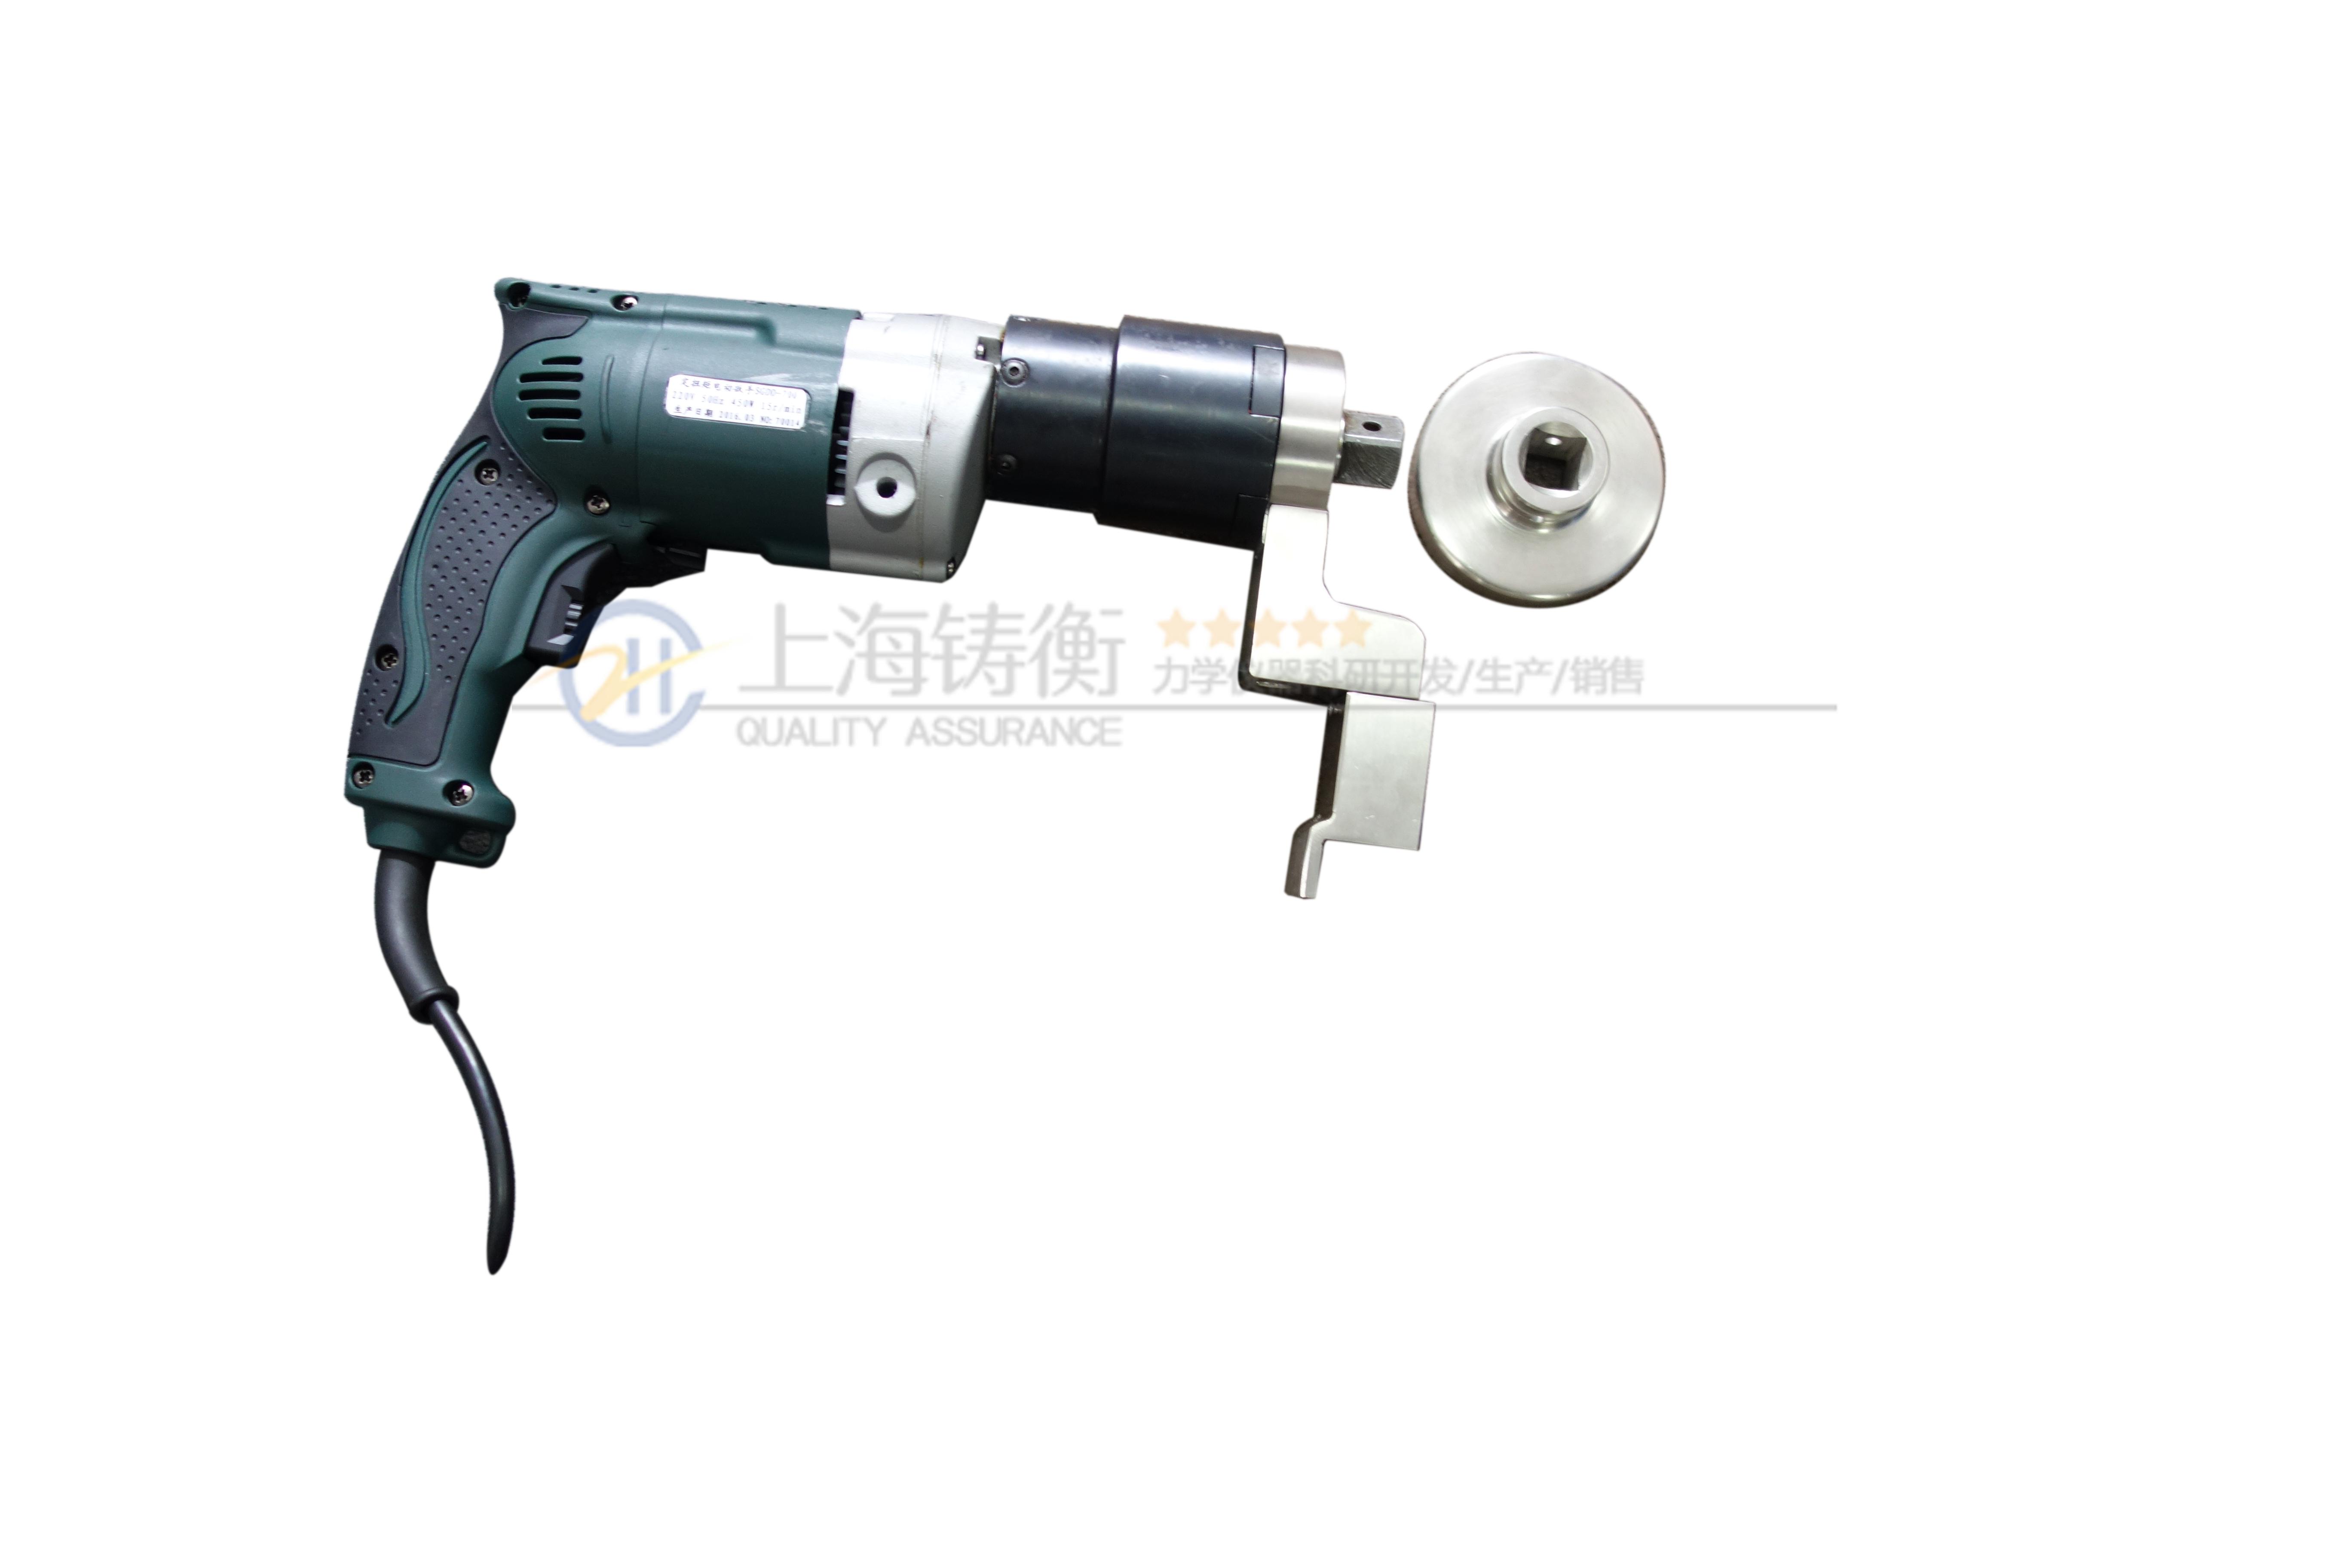 国产电动扭力扳手_M36套筒用的电动扭力扳手厂家